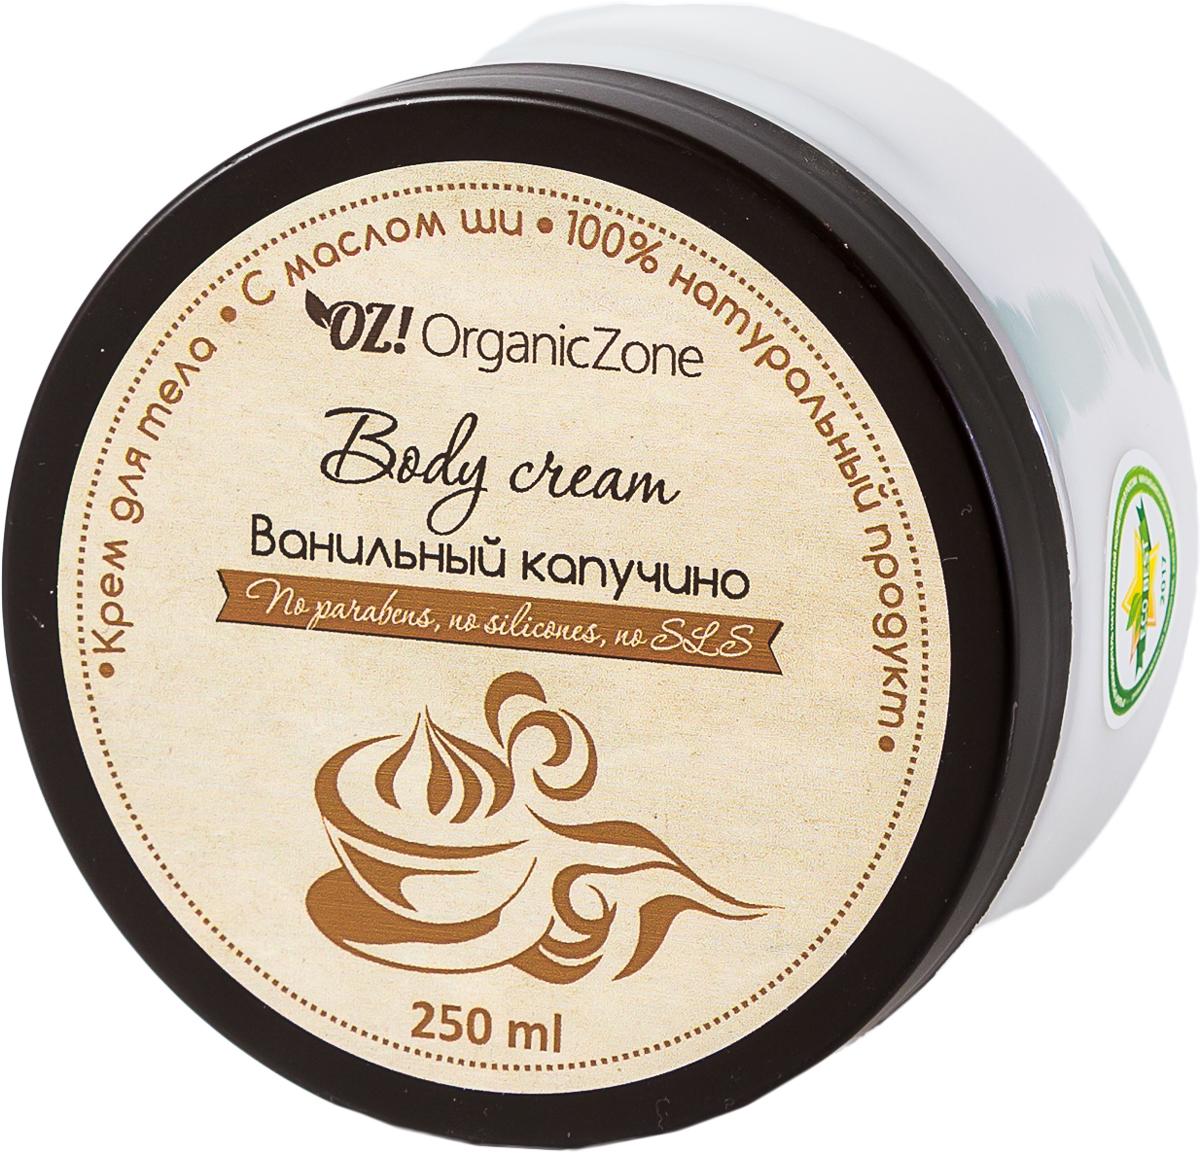 OrganicZone Крем для тела Ванильный капучино, 250 мл4626018133934Натуральный крем из лучших природных ингредиентов это поистине королевское средство для ухода за кожей! Аромат ванили один из самых сильных афродизиаков.Масло ши устраняет сухость кожи, придает эластичность и мягкость.Масло какао - обеспечивает полноценное питание. Масло кокоса, зародышей пшеницы, абрикосовых косточек предохраняют кожу от преждевременного увядания. Аллантоин, гель алоэ-вера - мощные растительные увлажнители, натуральные целительные компоненты. Д пантенол стимулирует регенерацию кожи, оказывает противовоспалительное действие.